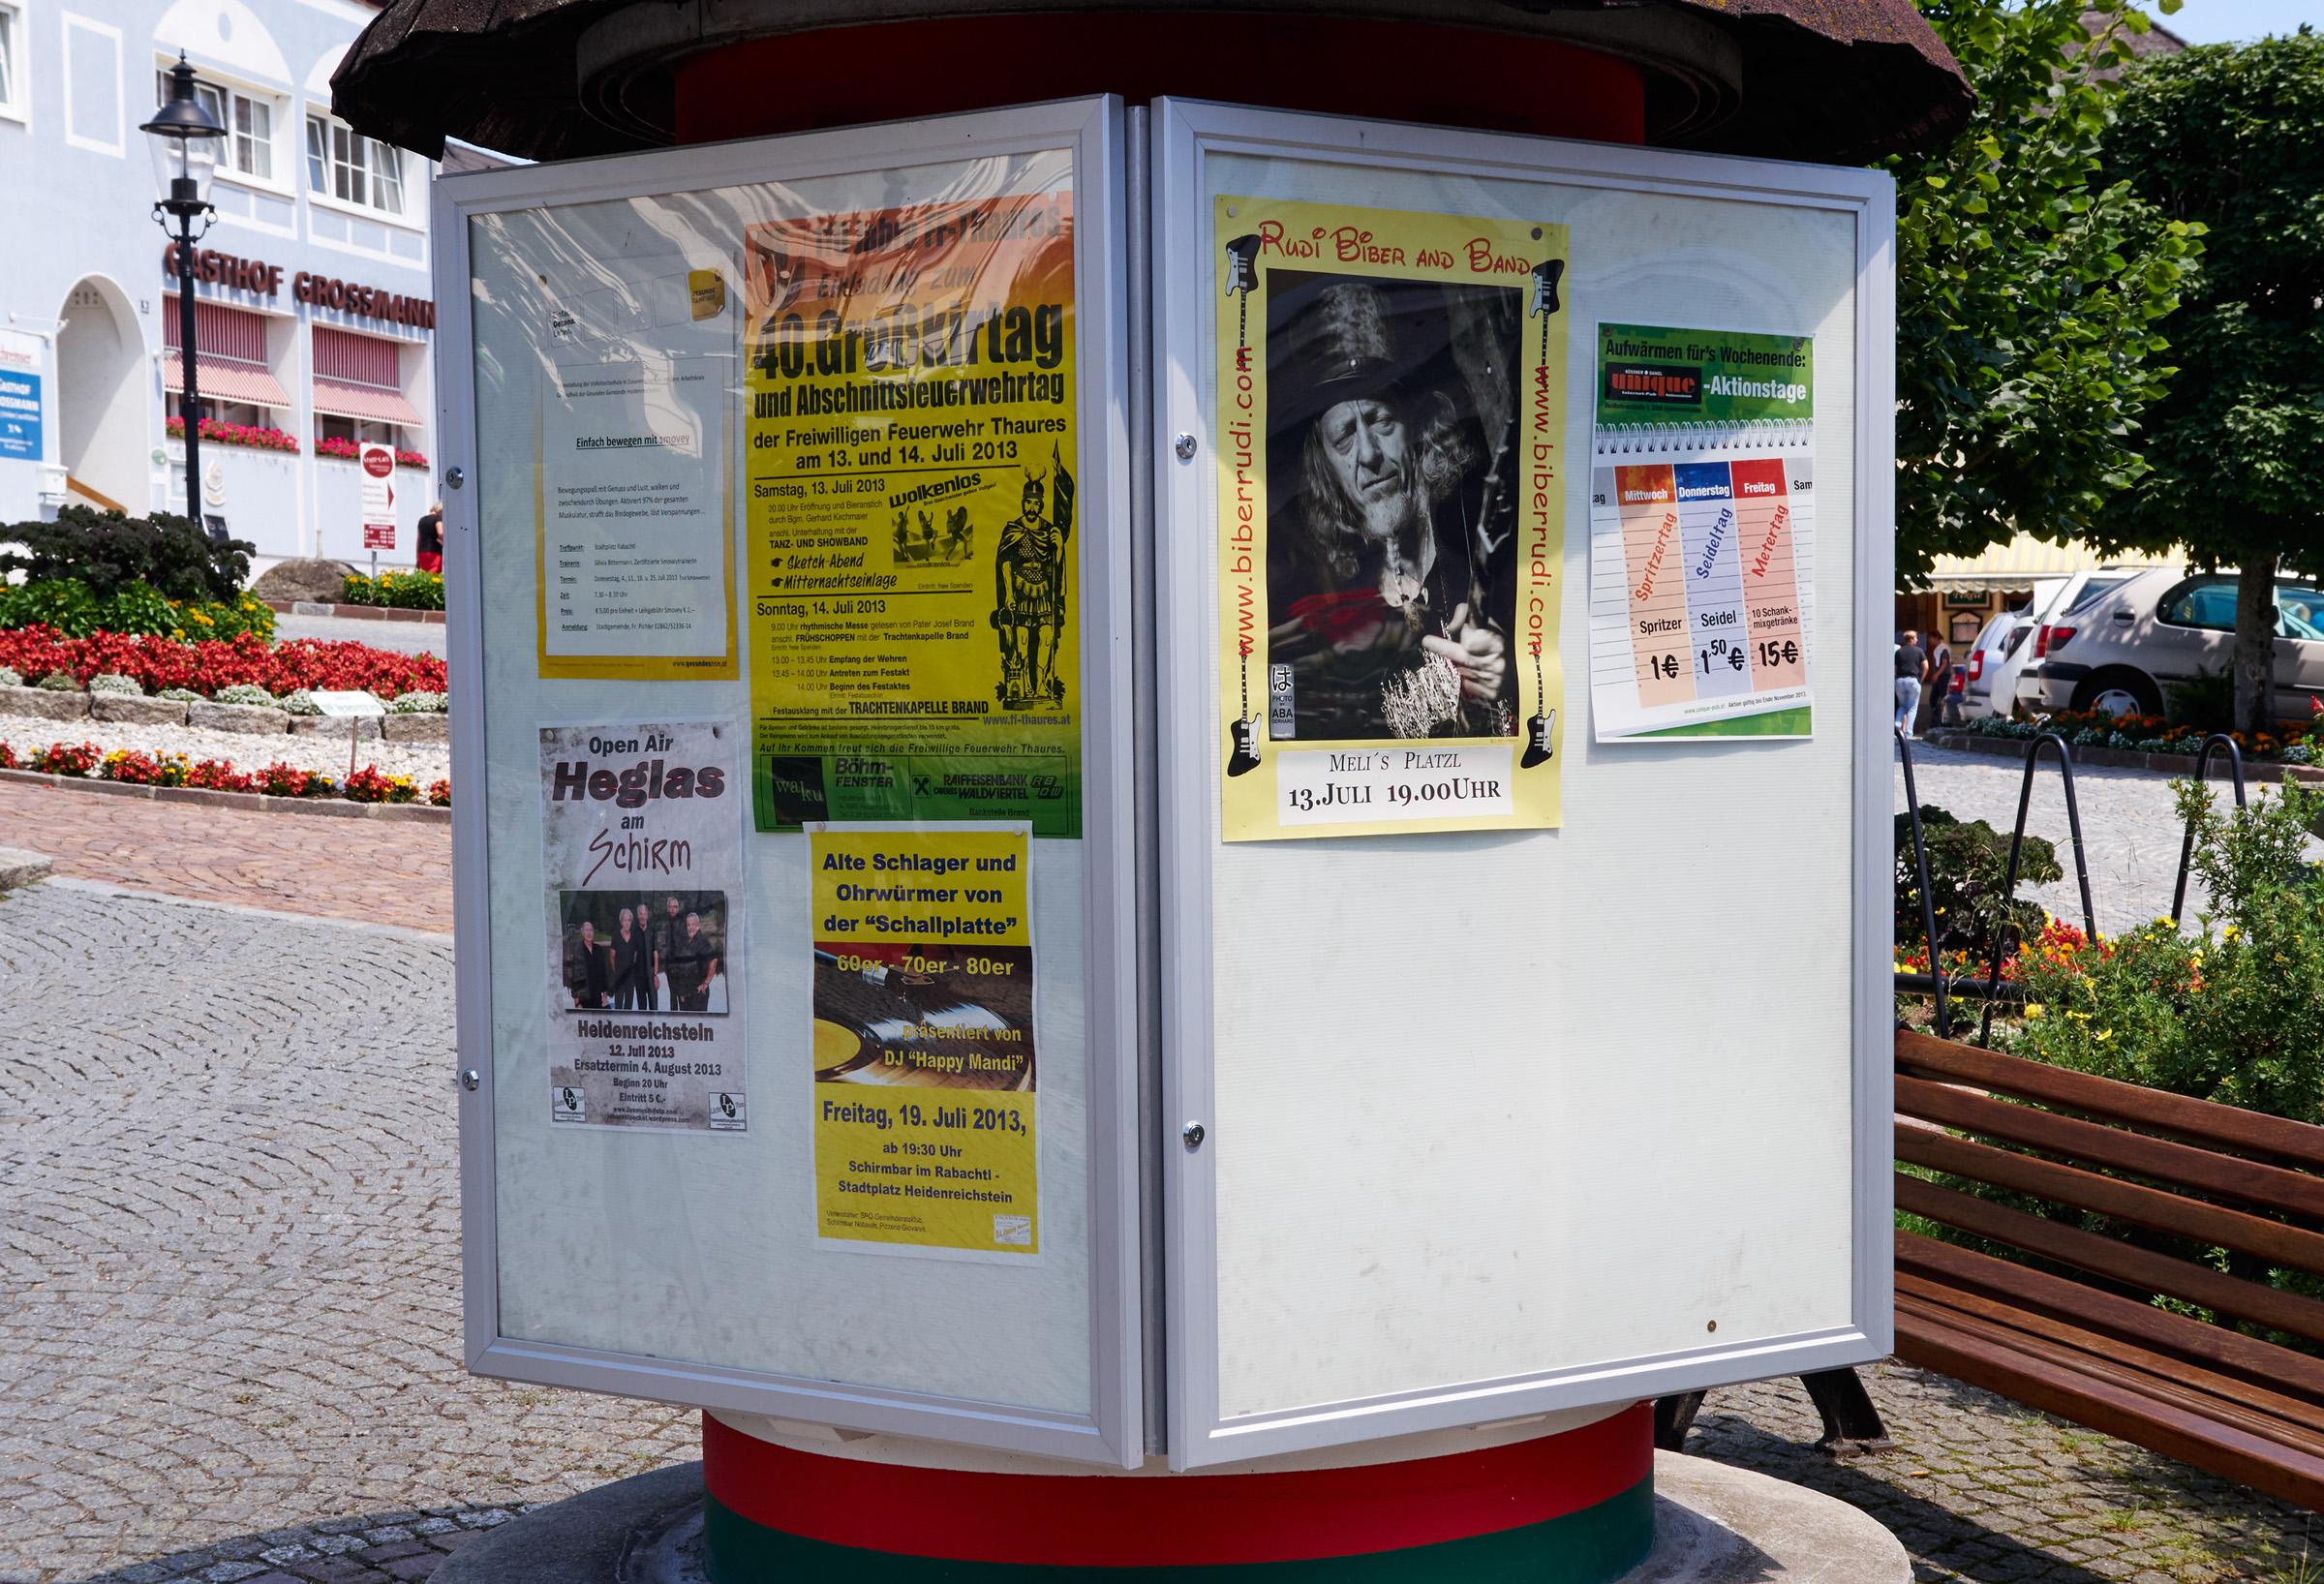 Heidenreichstein nah 2013-07-09.jpg